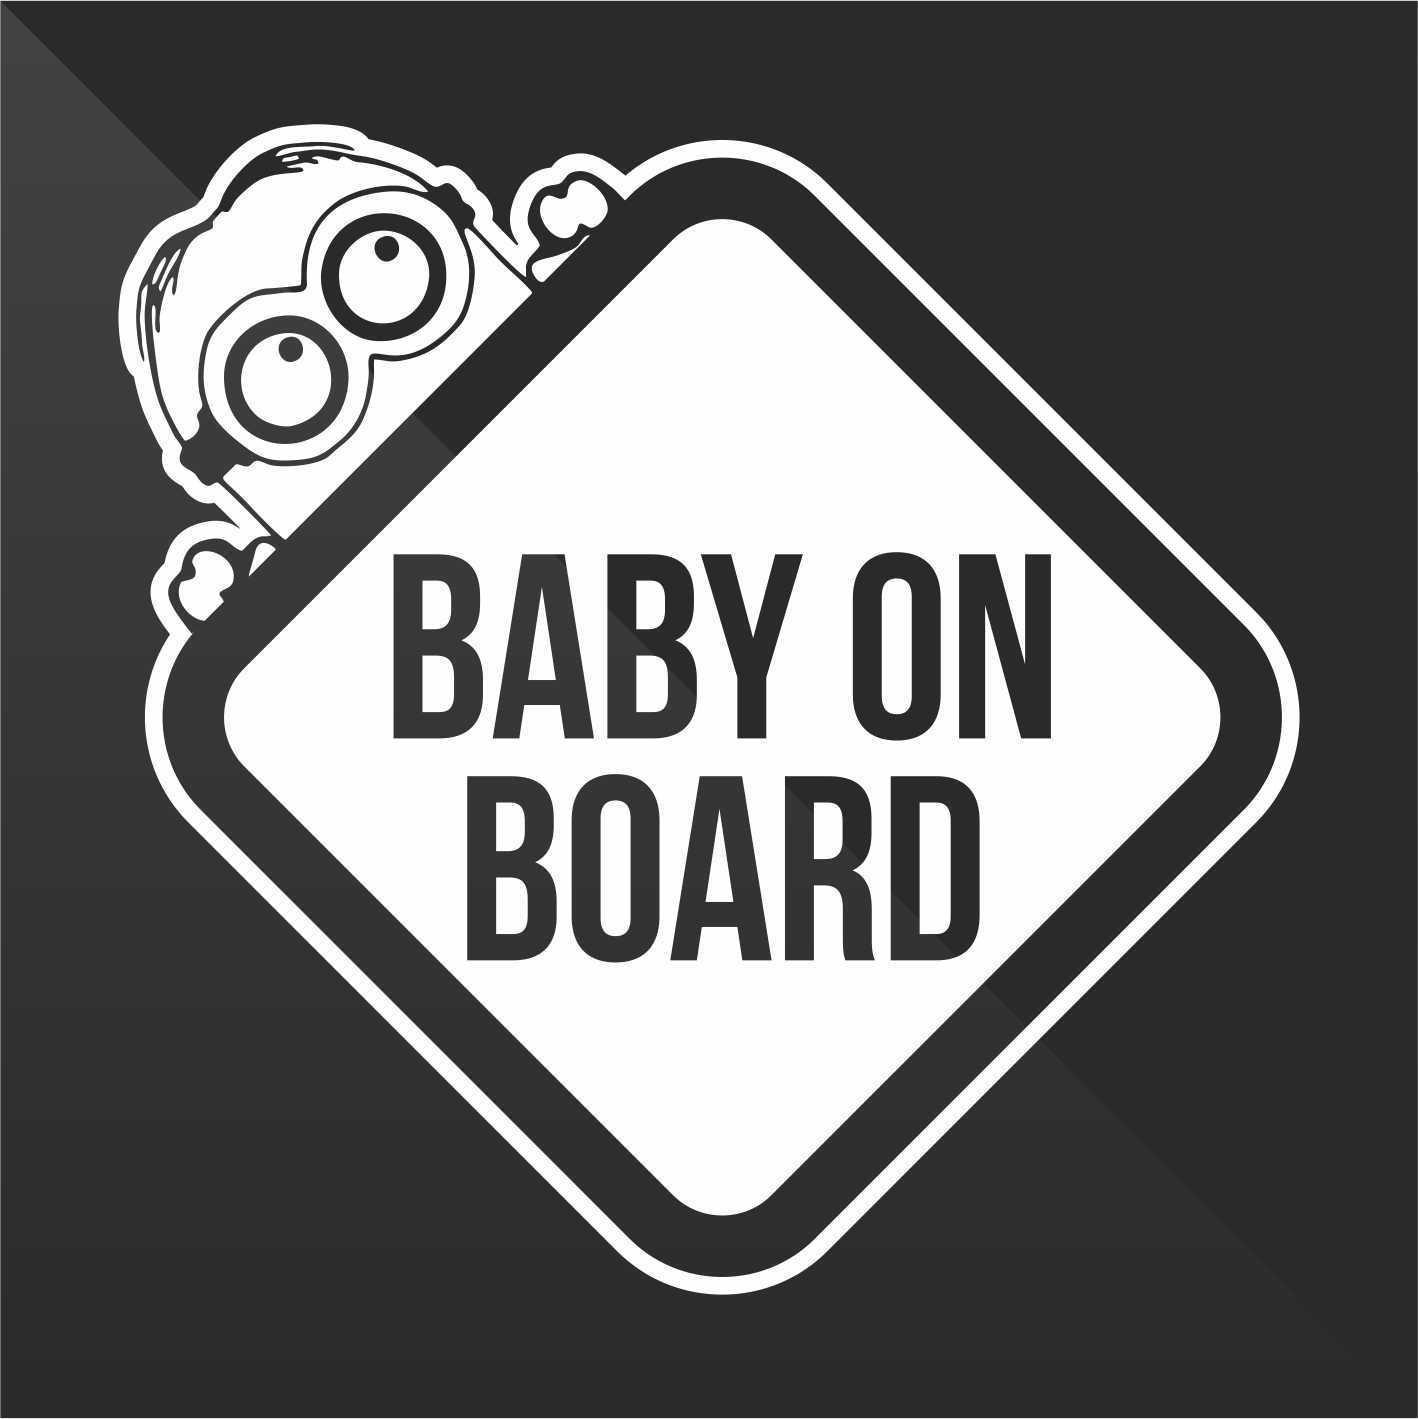 Sticker Bambini a bordo Baby on board bébé à bord bebé a bordo Baby an Bord - Decal Auto Moto Casco Wall Camper Bike Adesivo Adhesive Autocollant Pegatina Aufkleber - cm 10